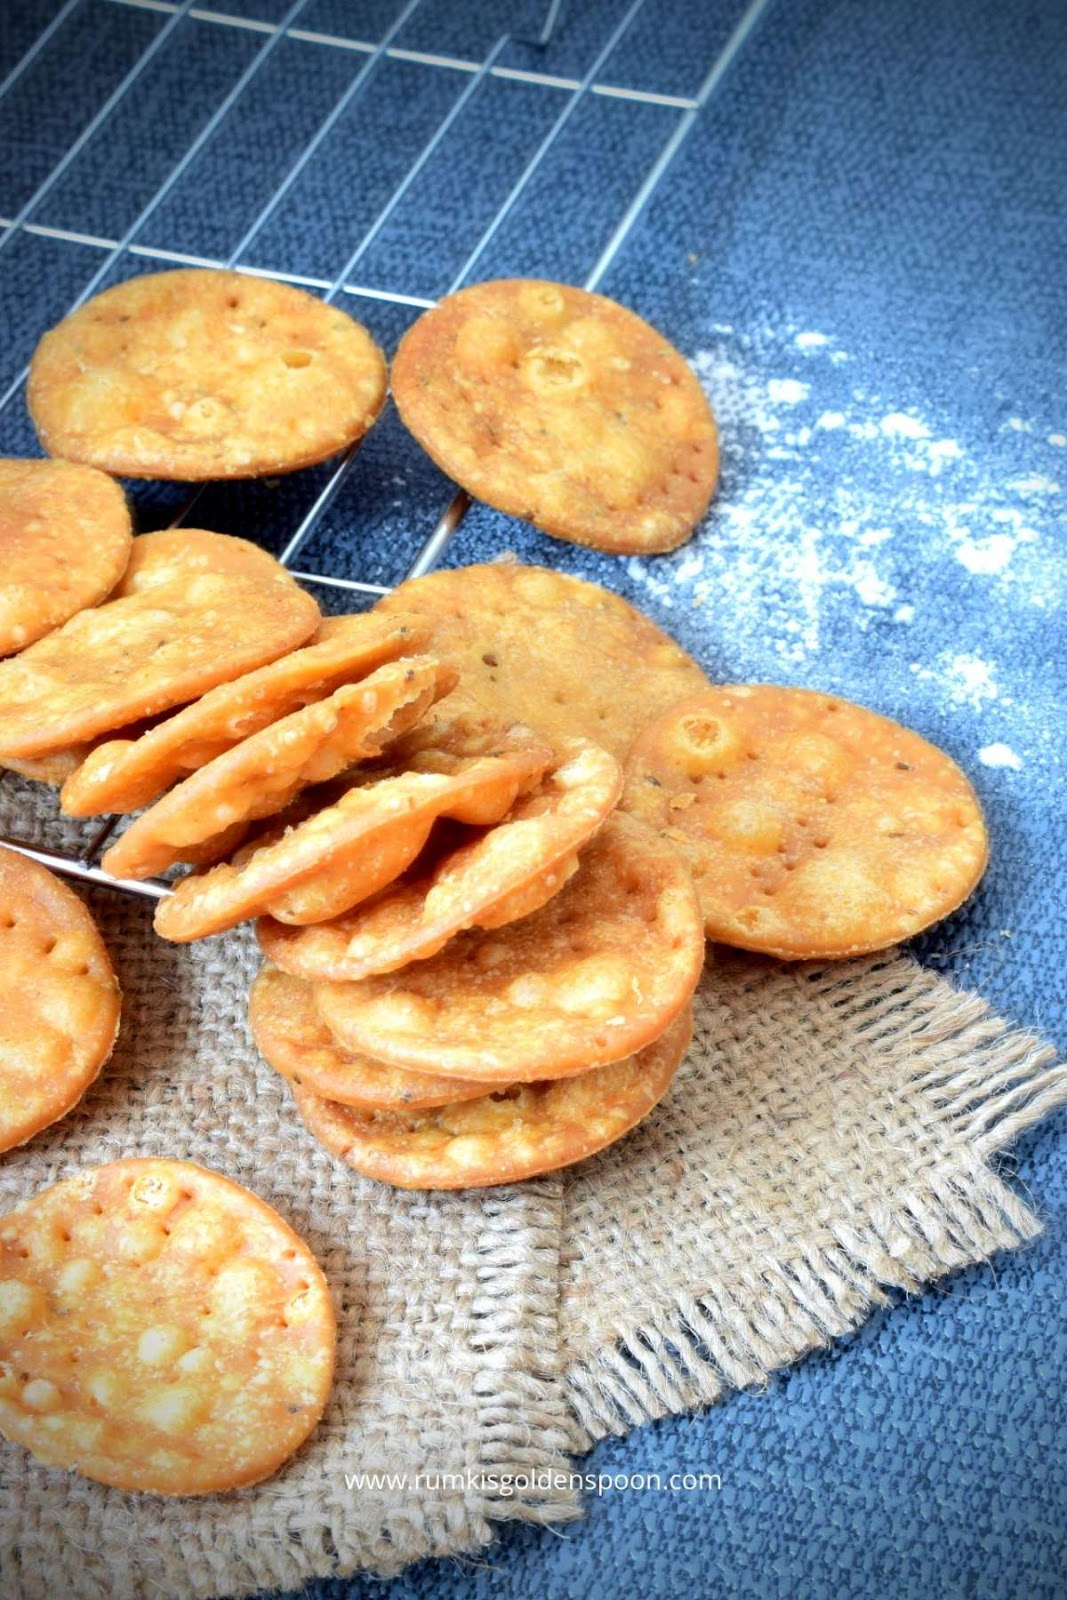 Papdi, papdi recipe, recipe for papdi, recipe of papdi, papri, Indian snack recipe, Indian snack recipes, Indian snacks recipes for evening, Indian snacks easy recipes, Indian street food, recipes of Indian street food, recipes for Indian street food, Indian street food recipes, how to make papdi, chaat recipes, recipes for chaat, recipes of chaat, Rumki's Golden Spoon